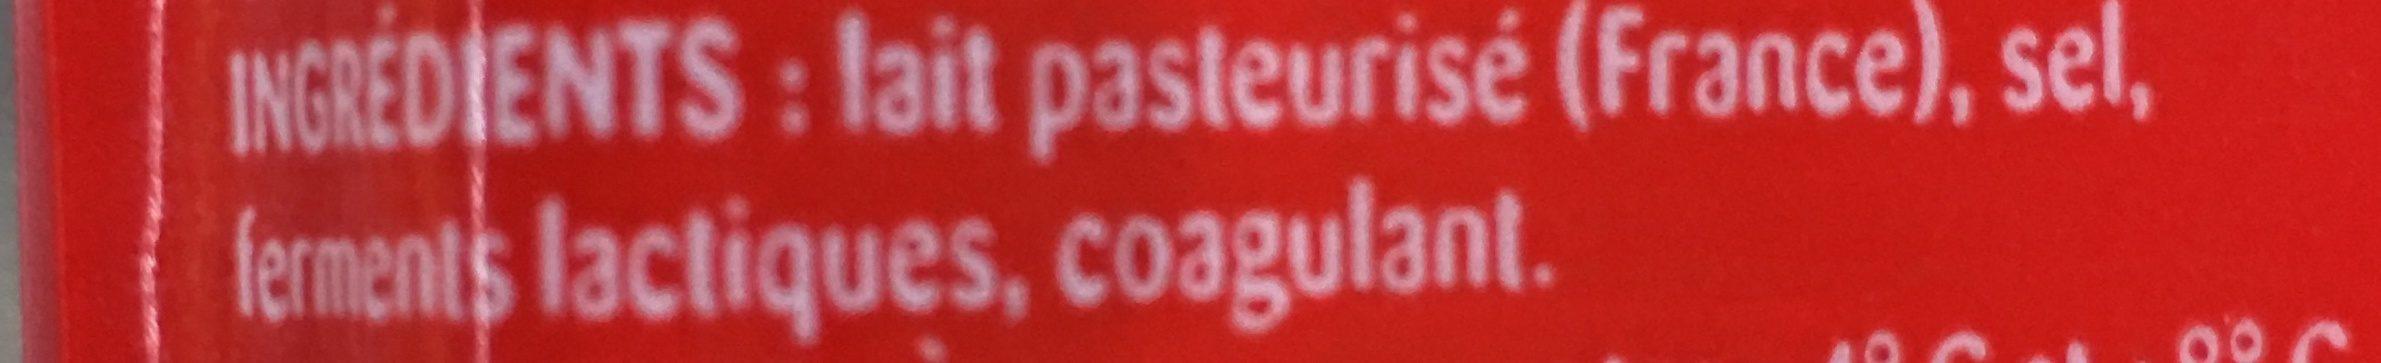 Emmental français réduit en sel - Ingrédients - fr